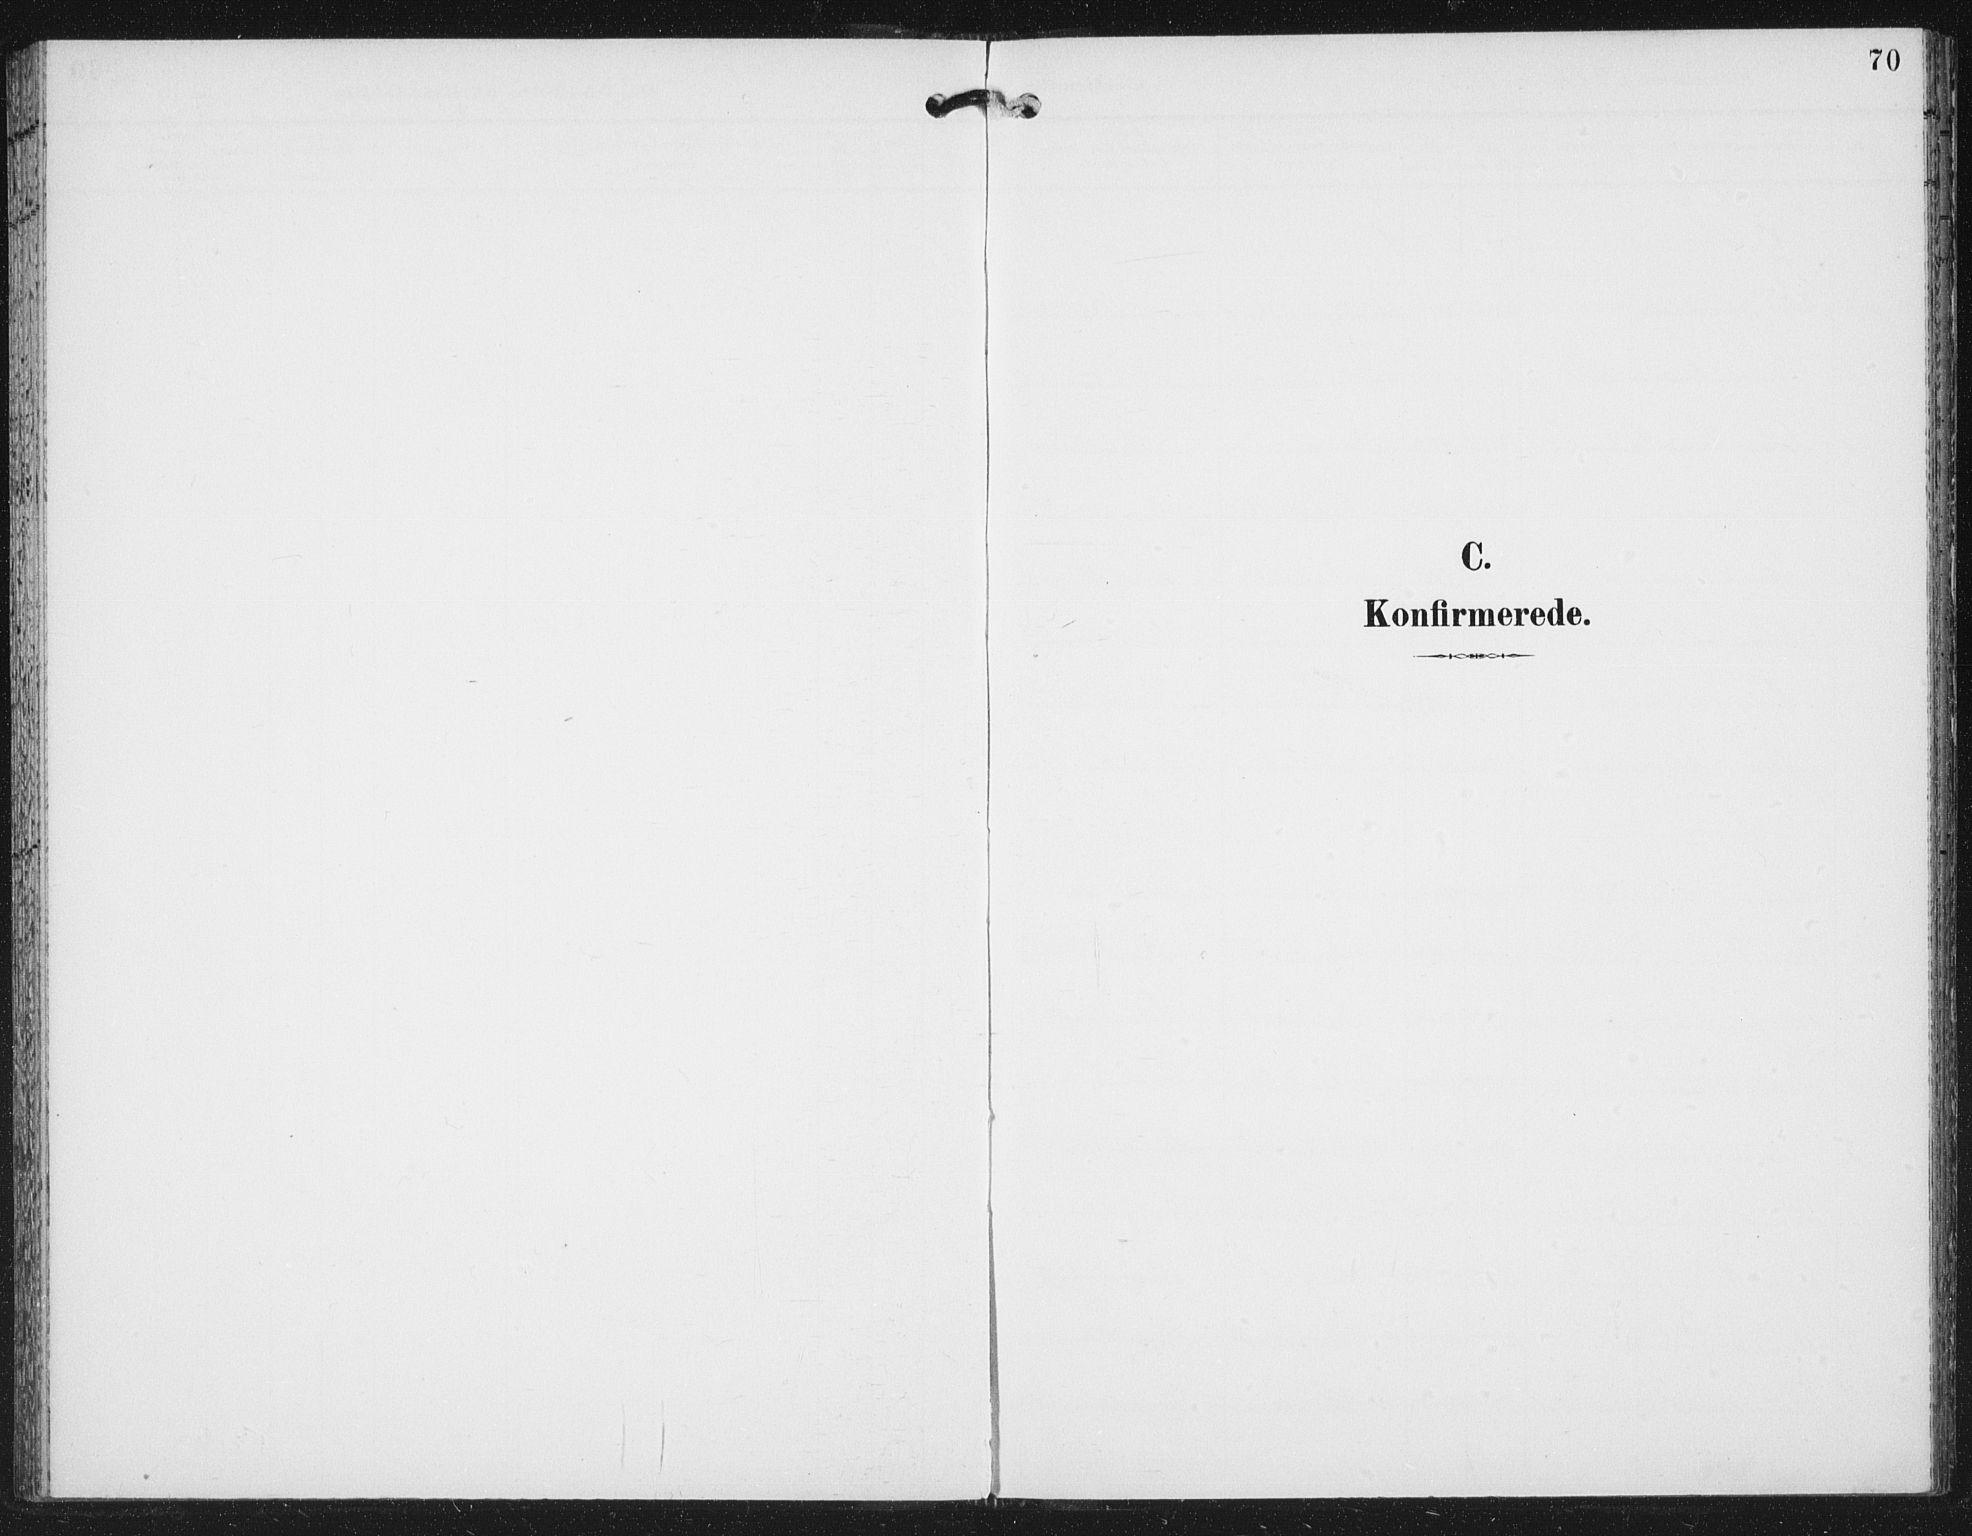 SAT, Ministerialprotokoller, klokkerbøker og fødselsregistre - Nord-Trøndelag, 702/L0024: Parish register (official) no. 702A02, 1898-1914, p. 70